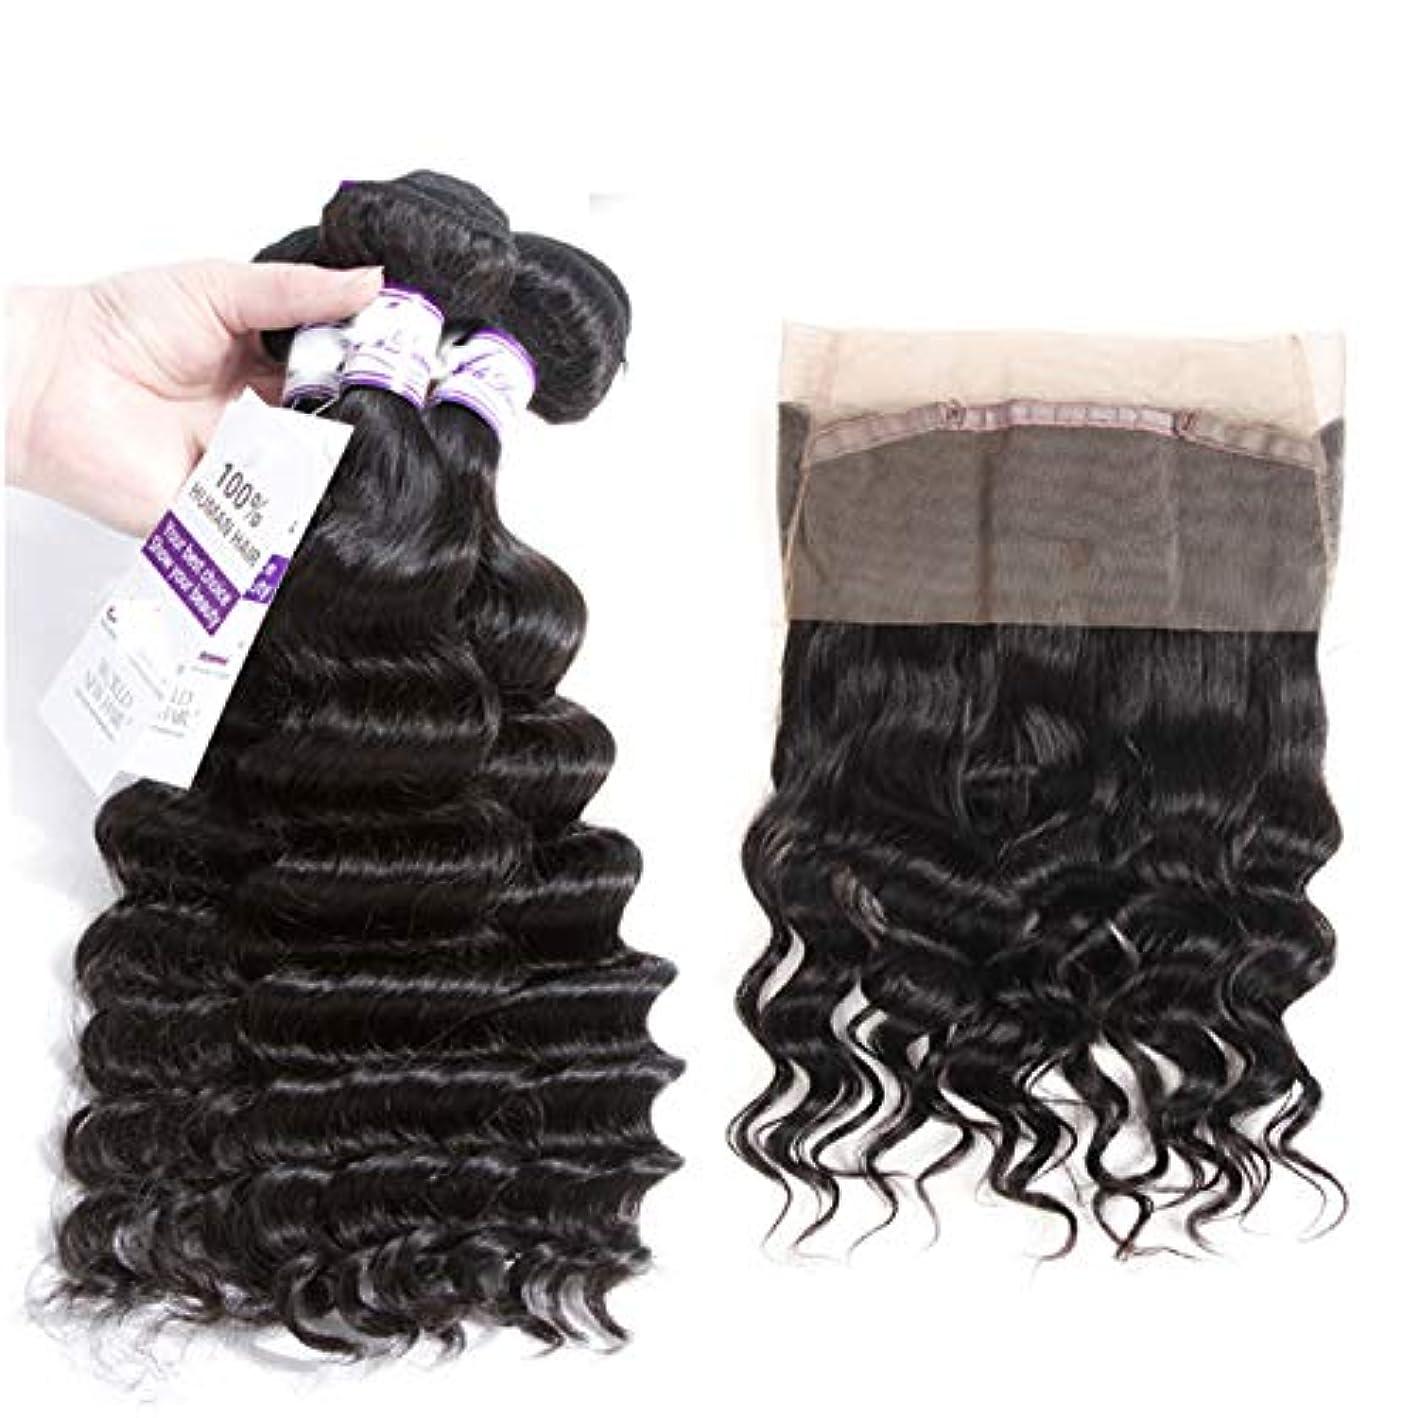 織機アカデミーささいなかつら ブラジルのルースディープウェーブ3バンドルで360レース前頭閉鎖髪織りバンドル非レミー人間の髪の毛 (Length : 22 22 22Closure20)